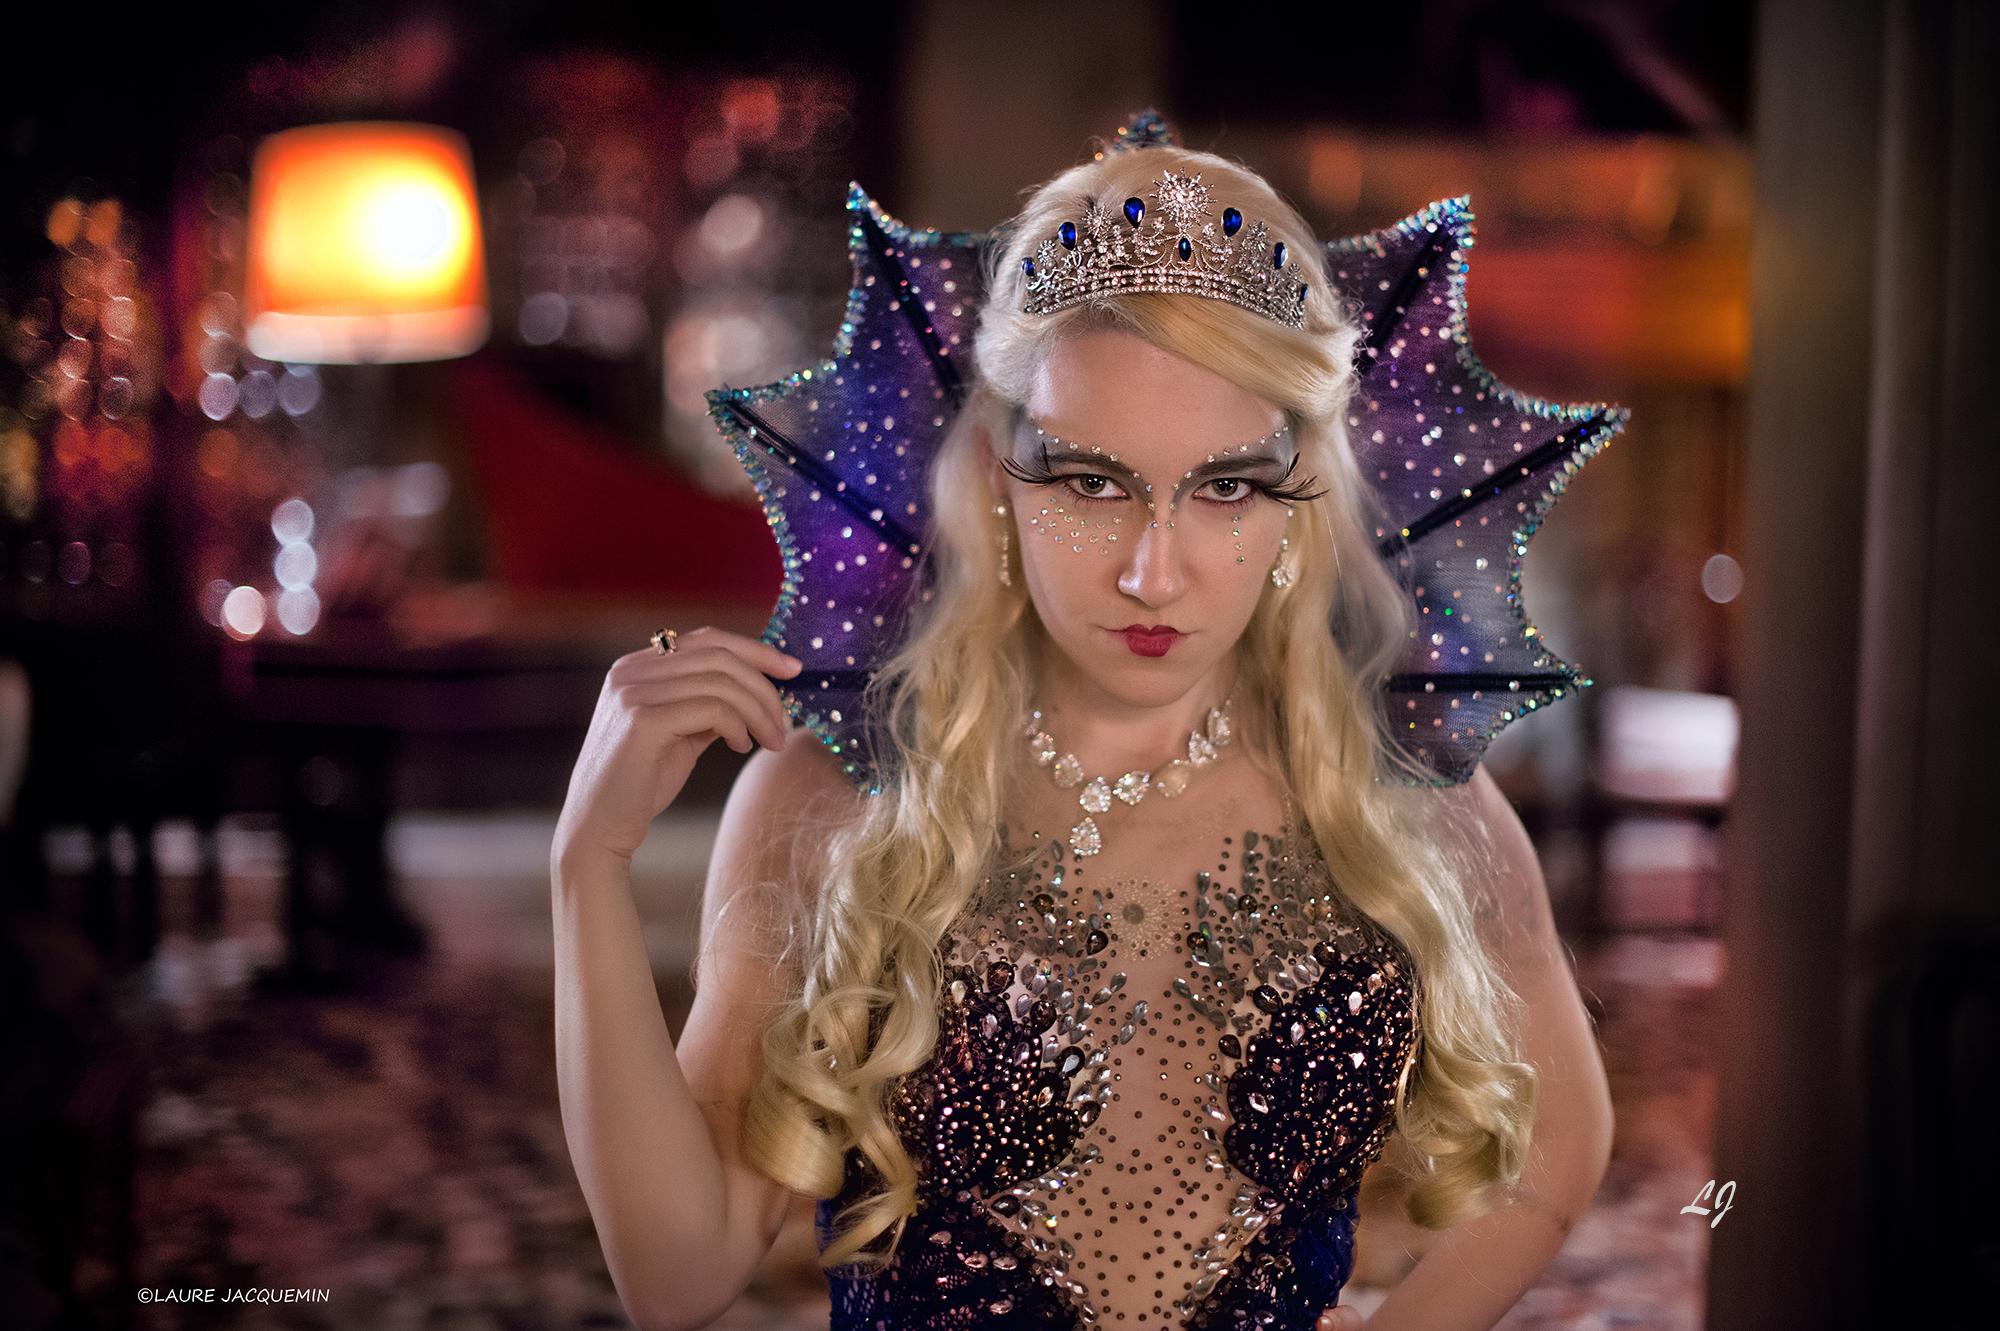 Meilleur photos Carnaval de Venise 2018 laure jacquemin (42)